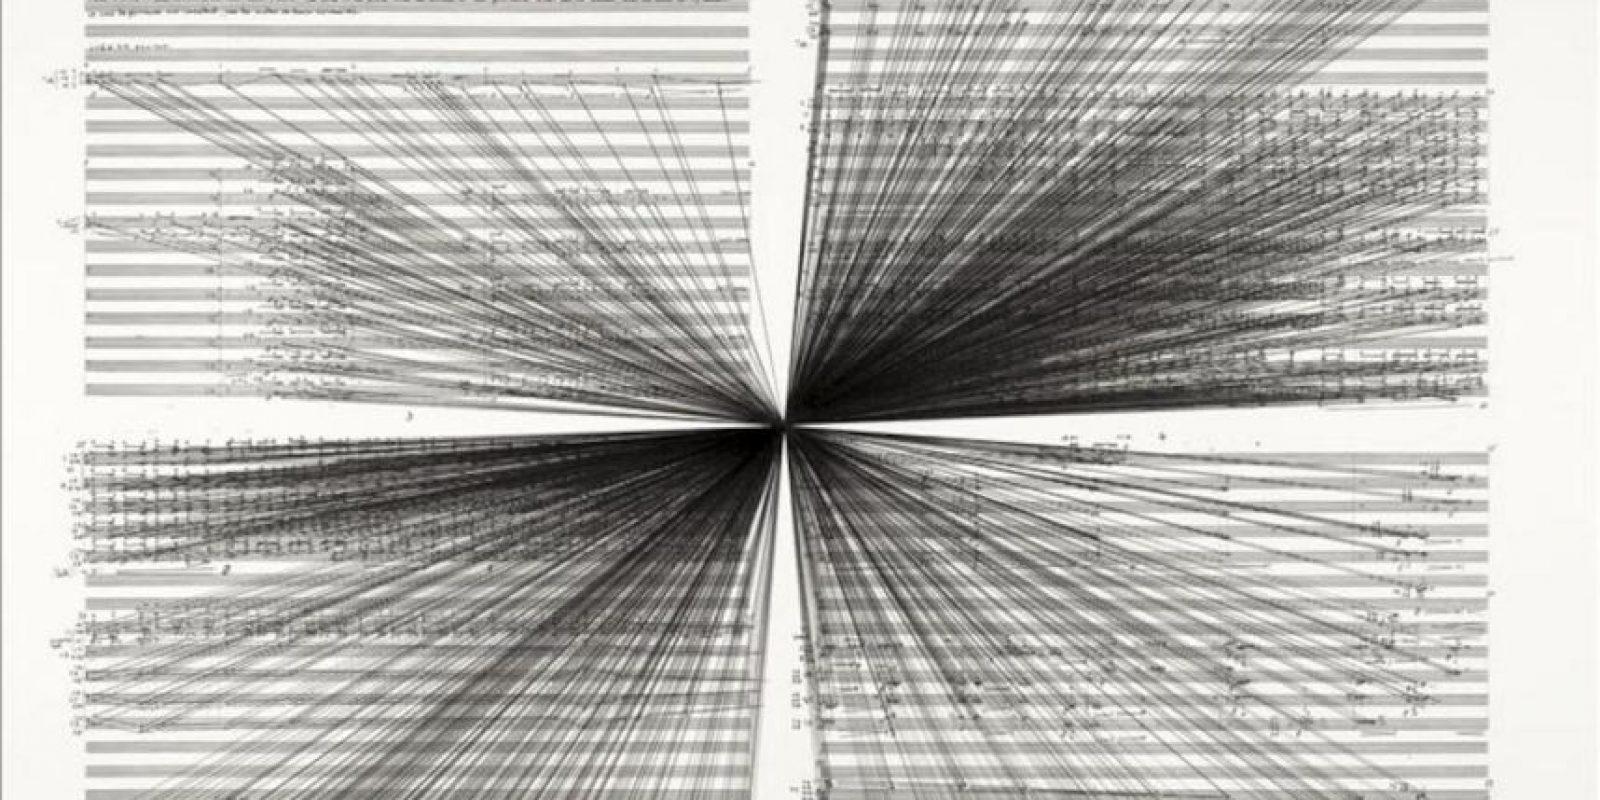 """Fotografía divulgada este miércoles 31 de julio de 2013, por el Museo de Arte Contemporáneo de Nueva York (MoMA) que muestra la obra del australiano Marco Fusinato, """"Mass Black Implossion"""", en donde pinta el ruido con líneas de tinta que """"chirrían"""" en medio de una partitura convencional. EFE"""